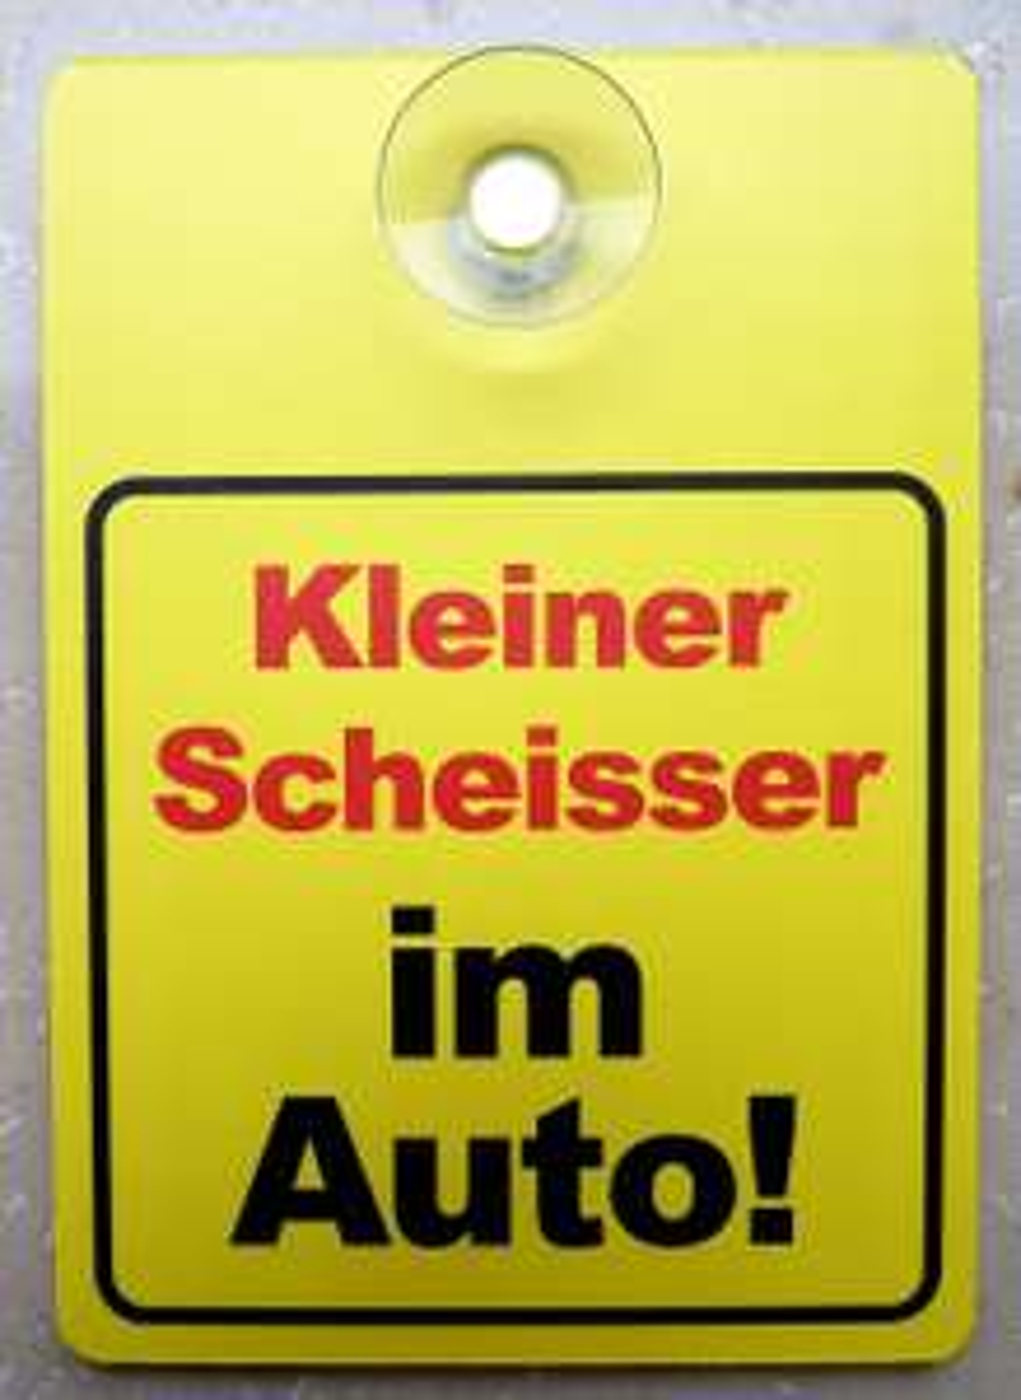 wetterfestes PVC-Schild für Innenraumaufhübschung des eigenen Vehikels bei eBay für schlappe 4,49€